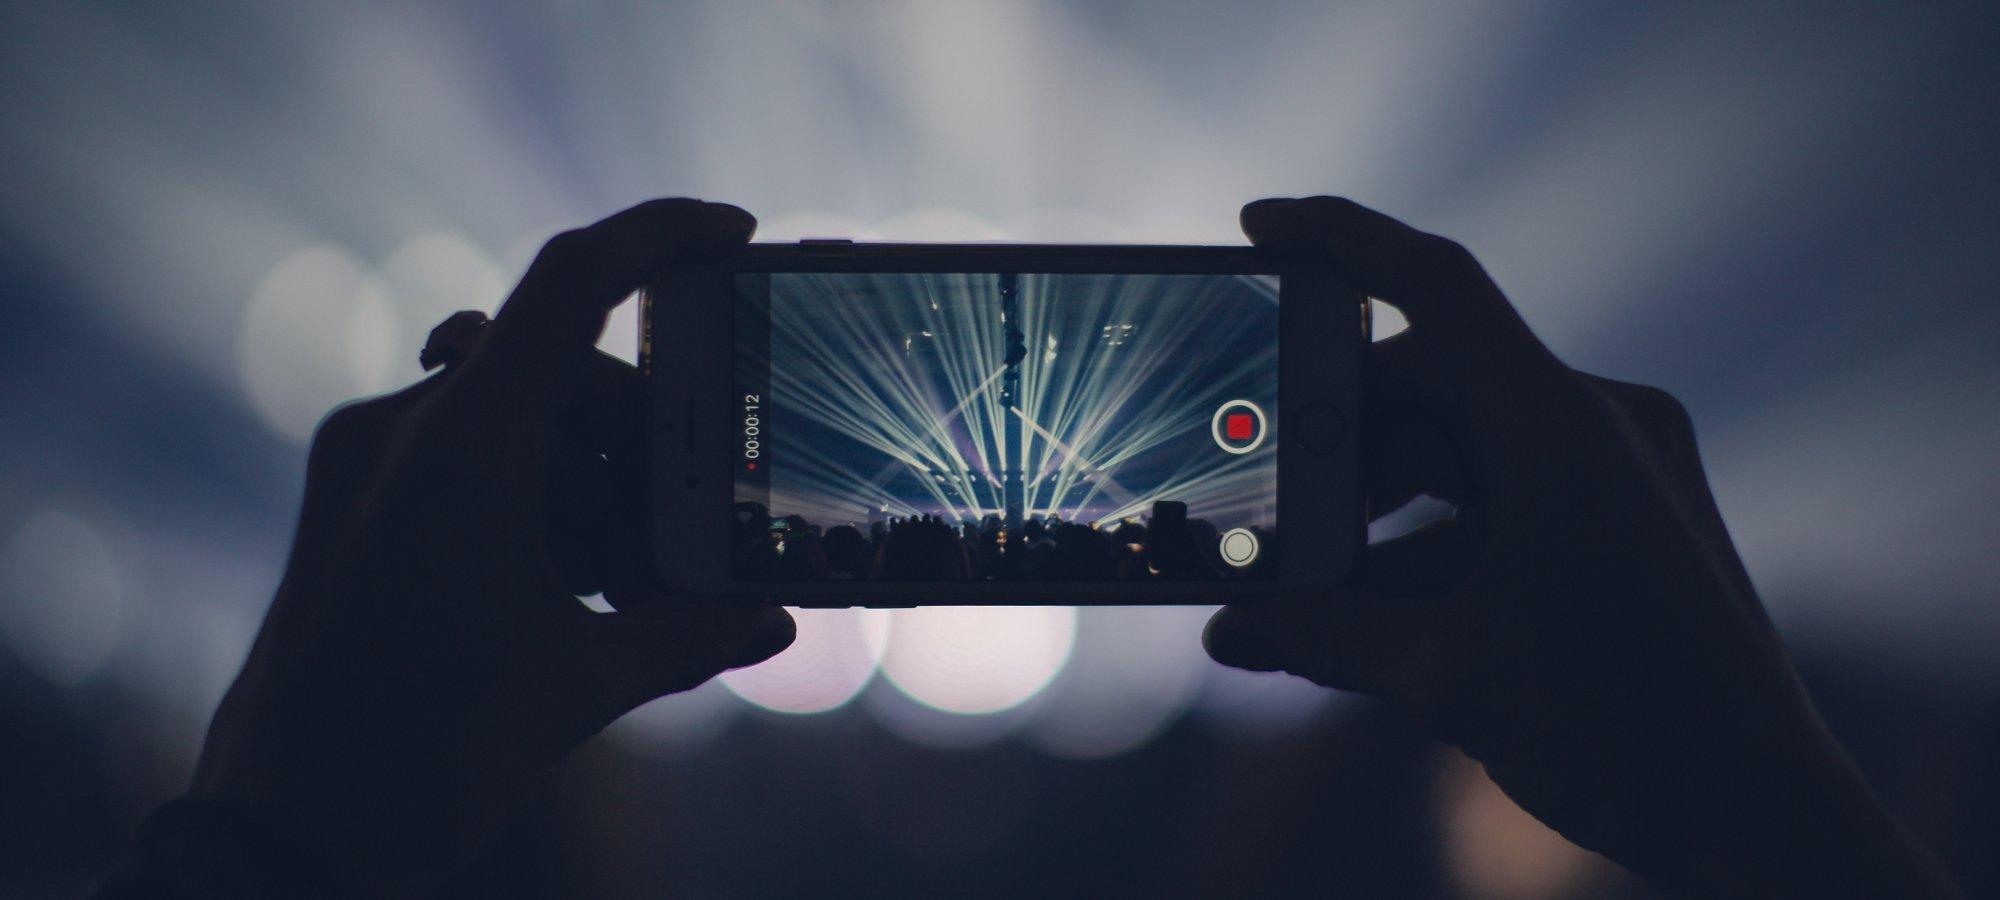 5G ermöglicht ruckelfreie Live-Übertragungen von Konzerten mit dem Smartphone (Bild: Pexels/veeterzy)